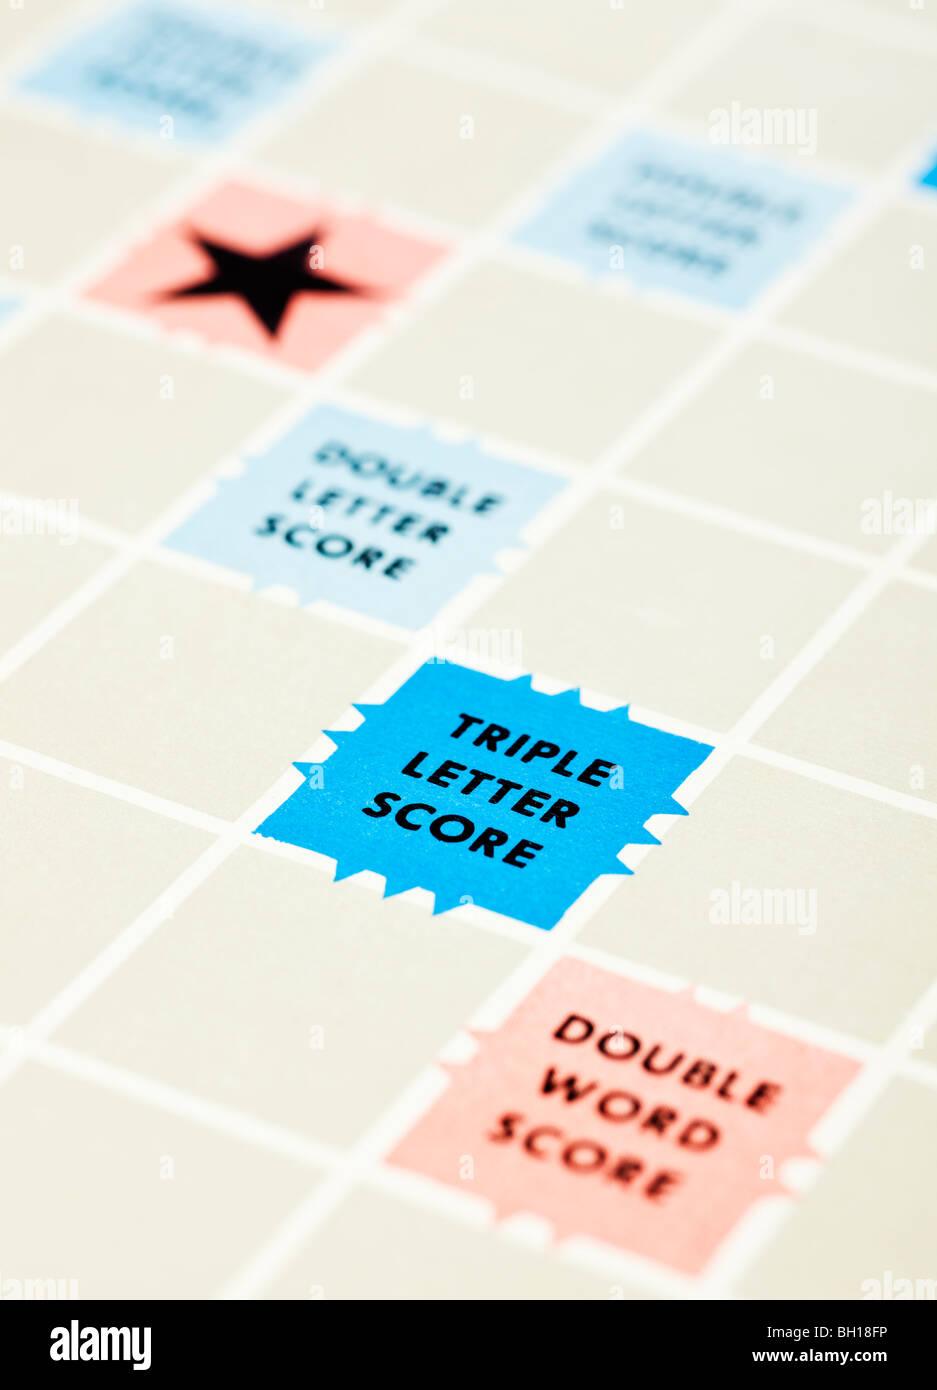 Jeu de société Scrabble close up avec focus sélectif sur Triple Lettre Score Photo Stock